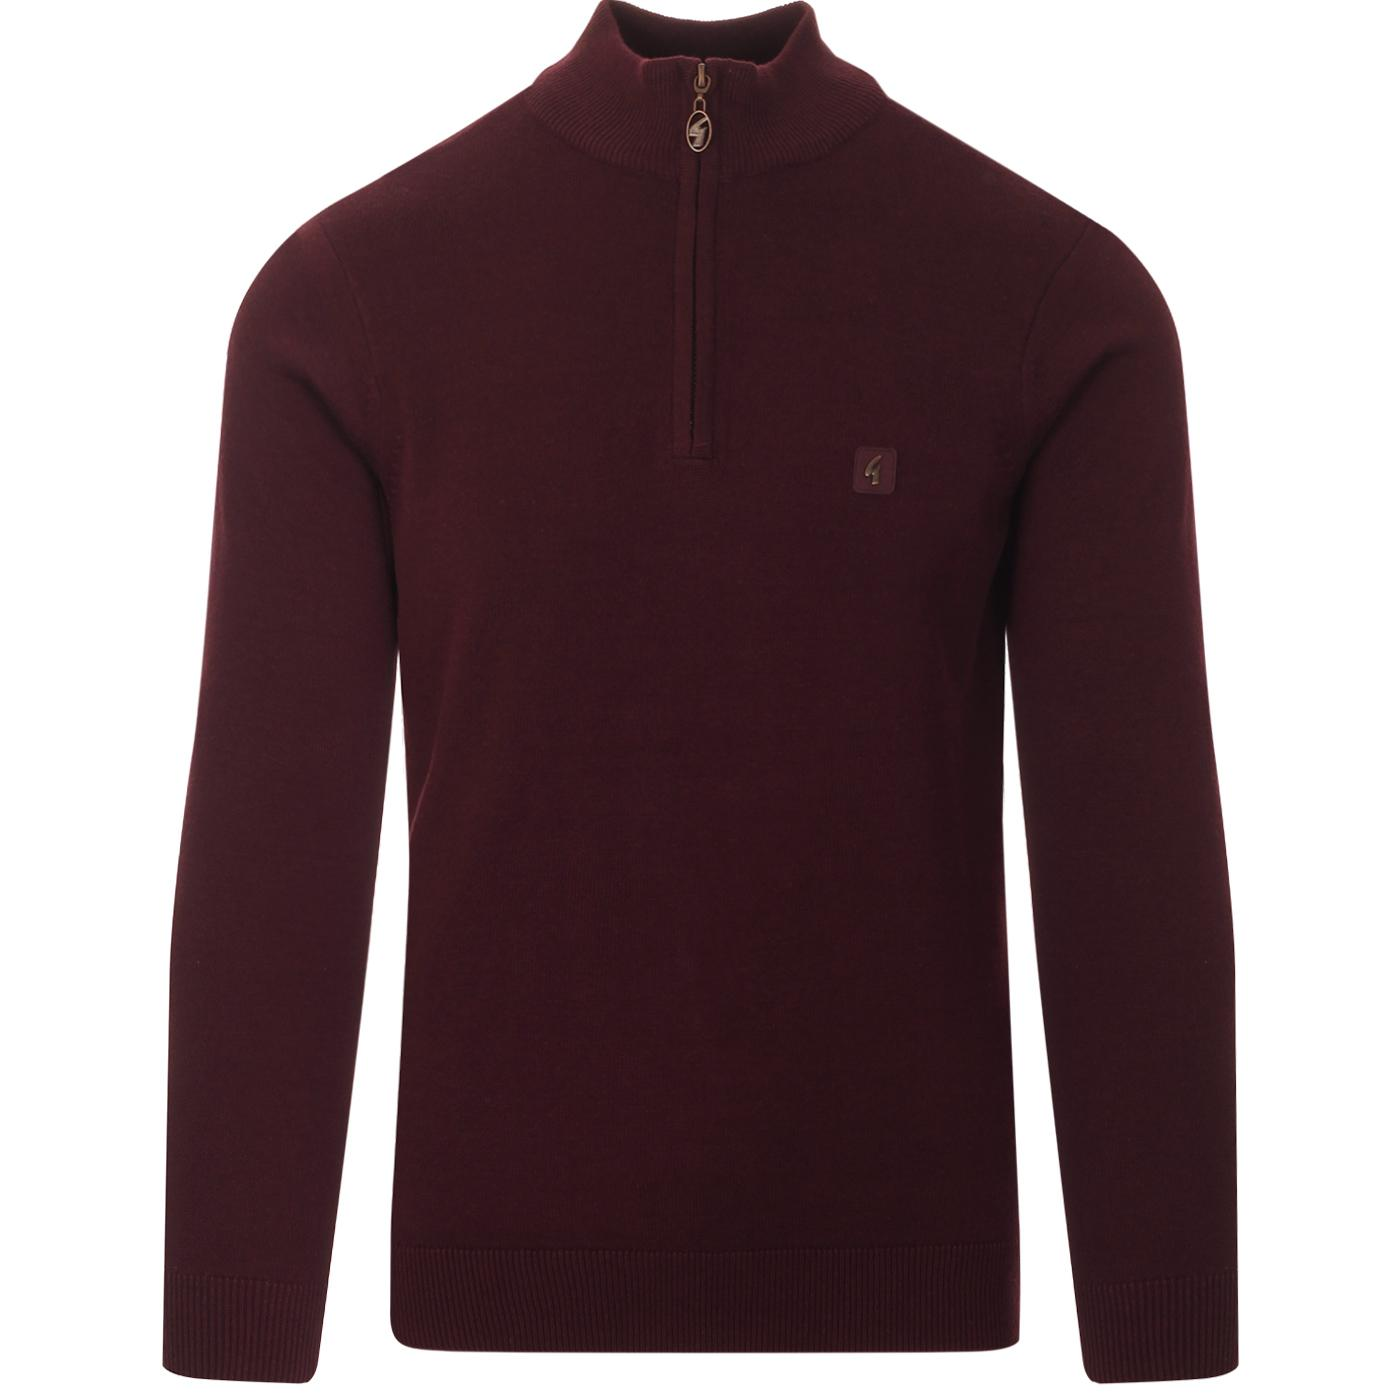 Naxton GABICCI VINTAGE Knitted Half Zip Top -Rioja